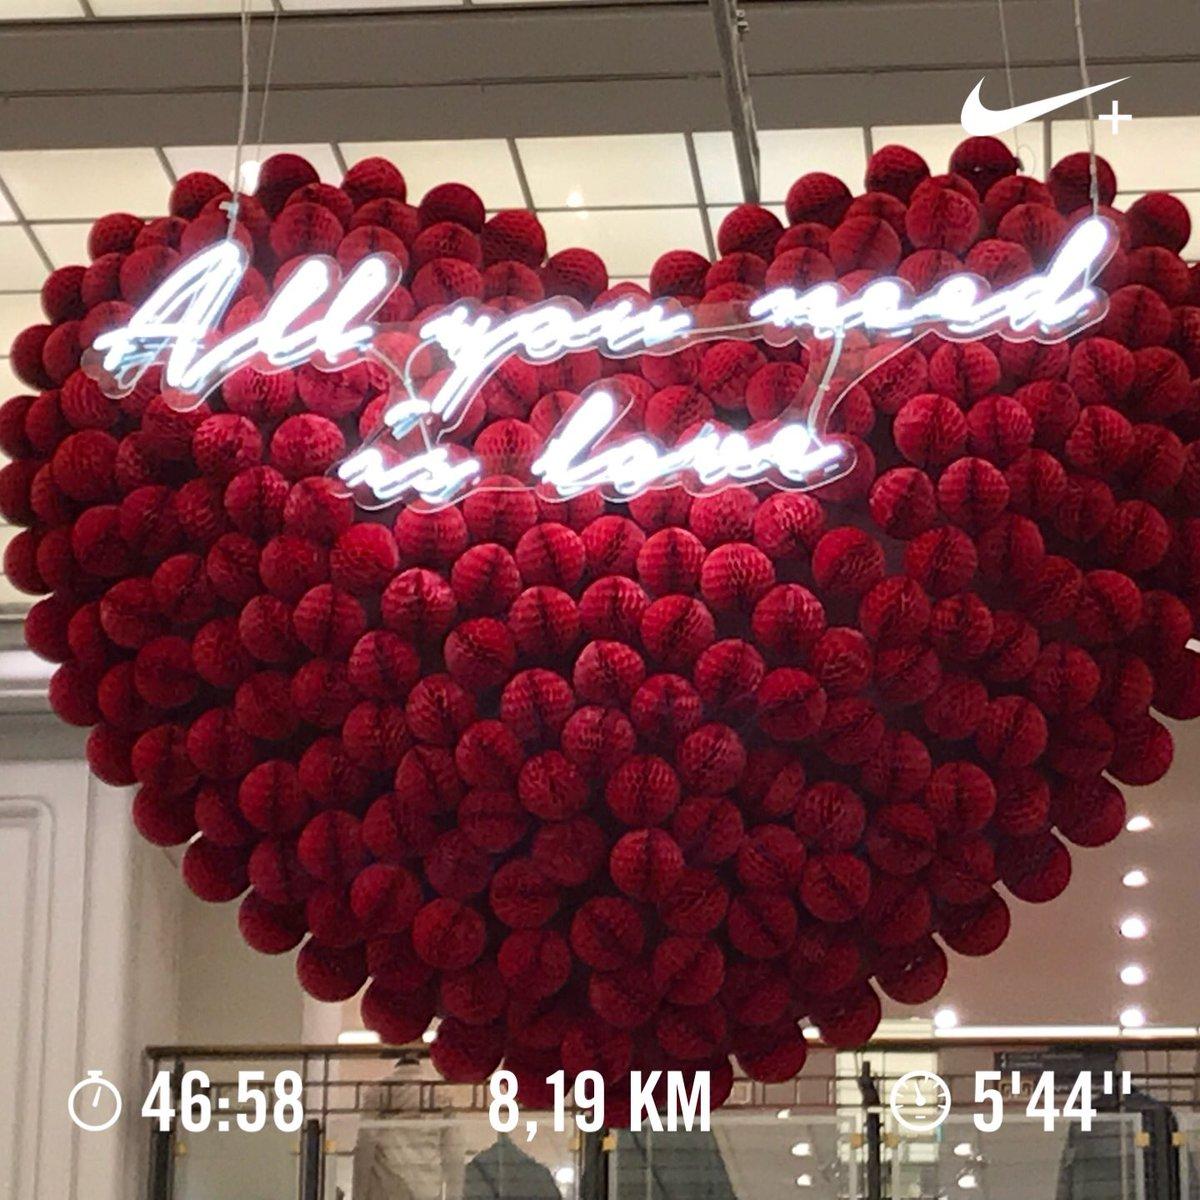 Guten morgen valentinstag